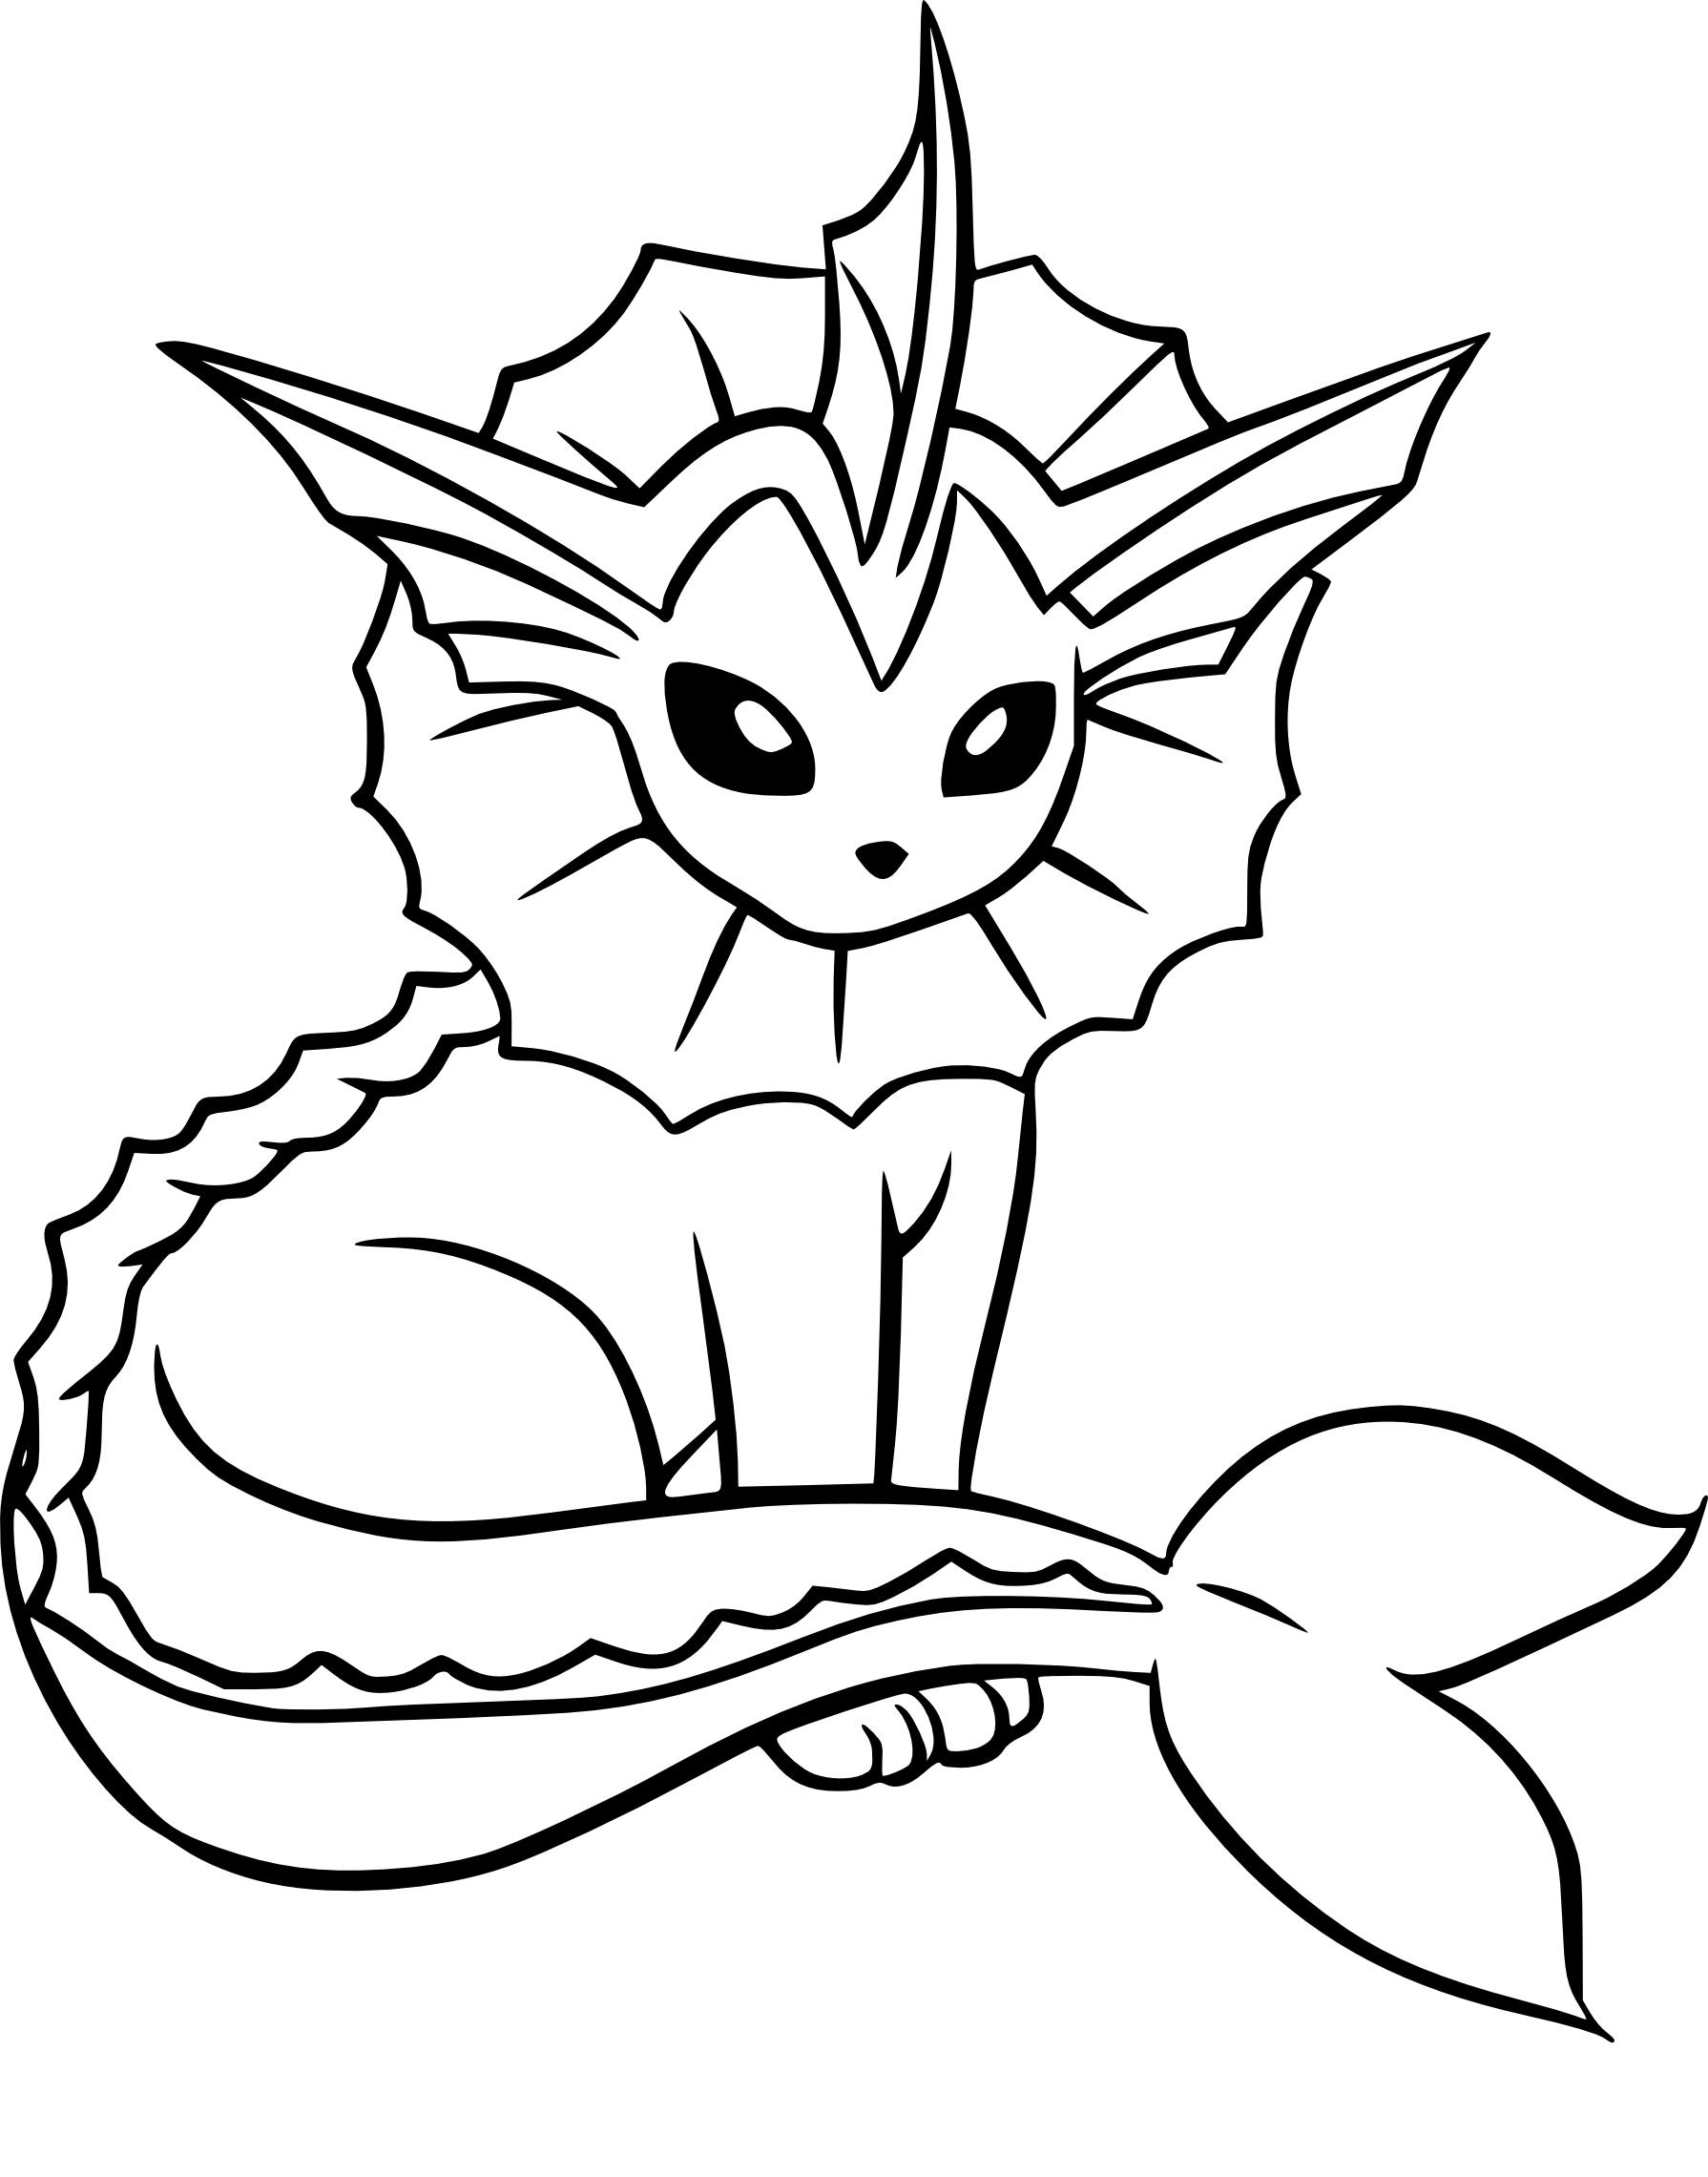 Coloriage Aquali Pokemon À Imprimer à Imprimer Coloriage Pokemon